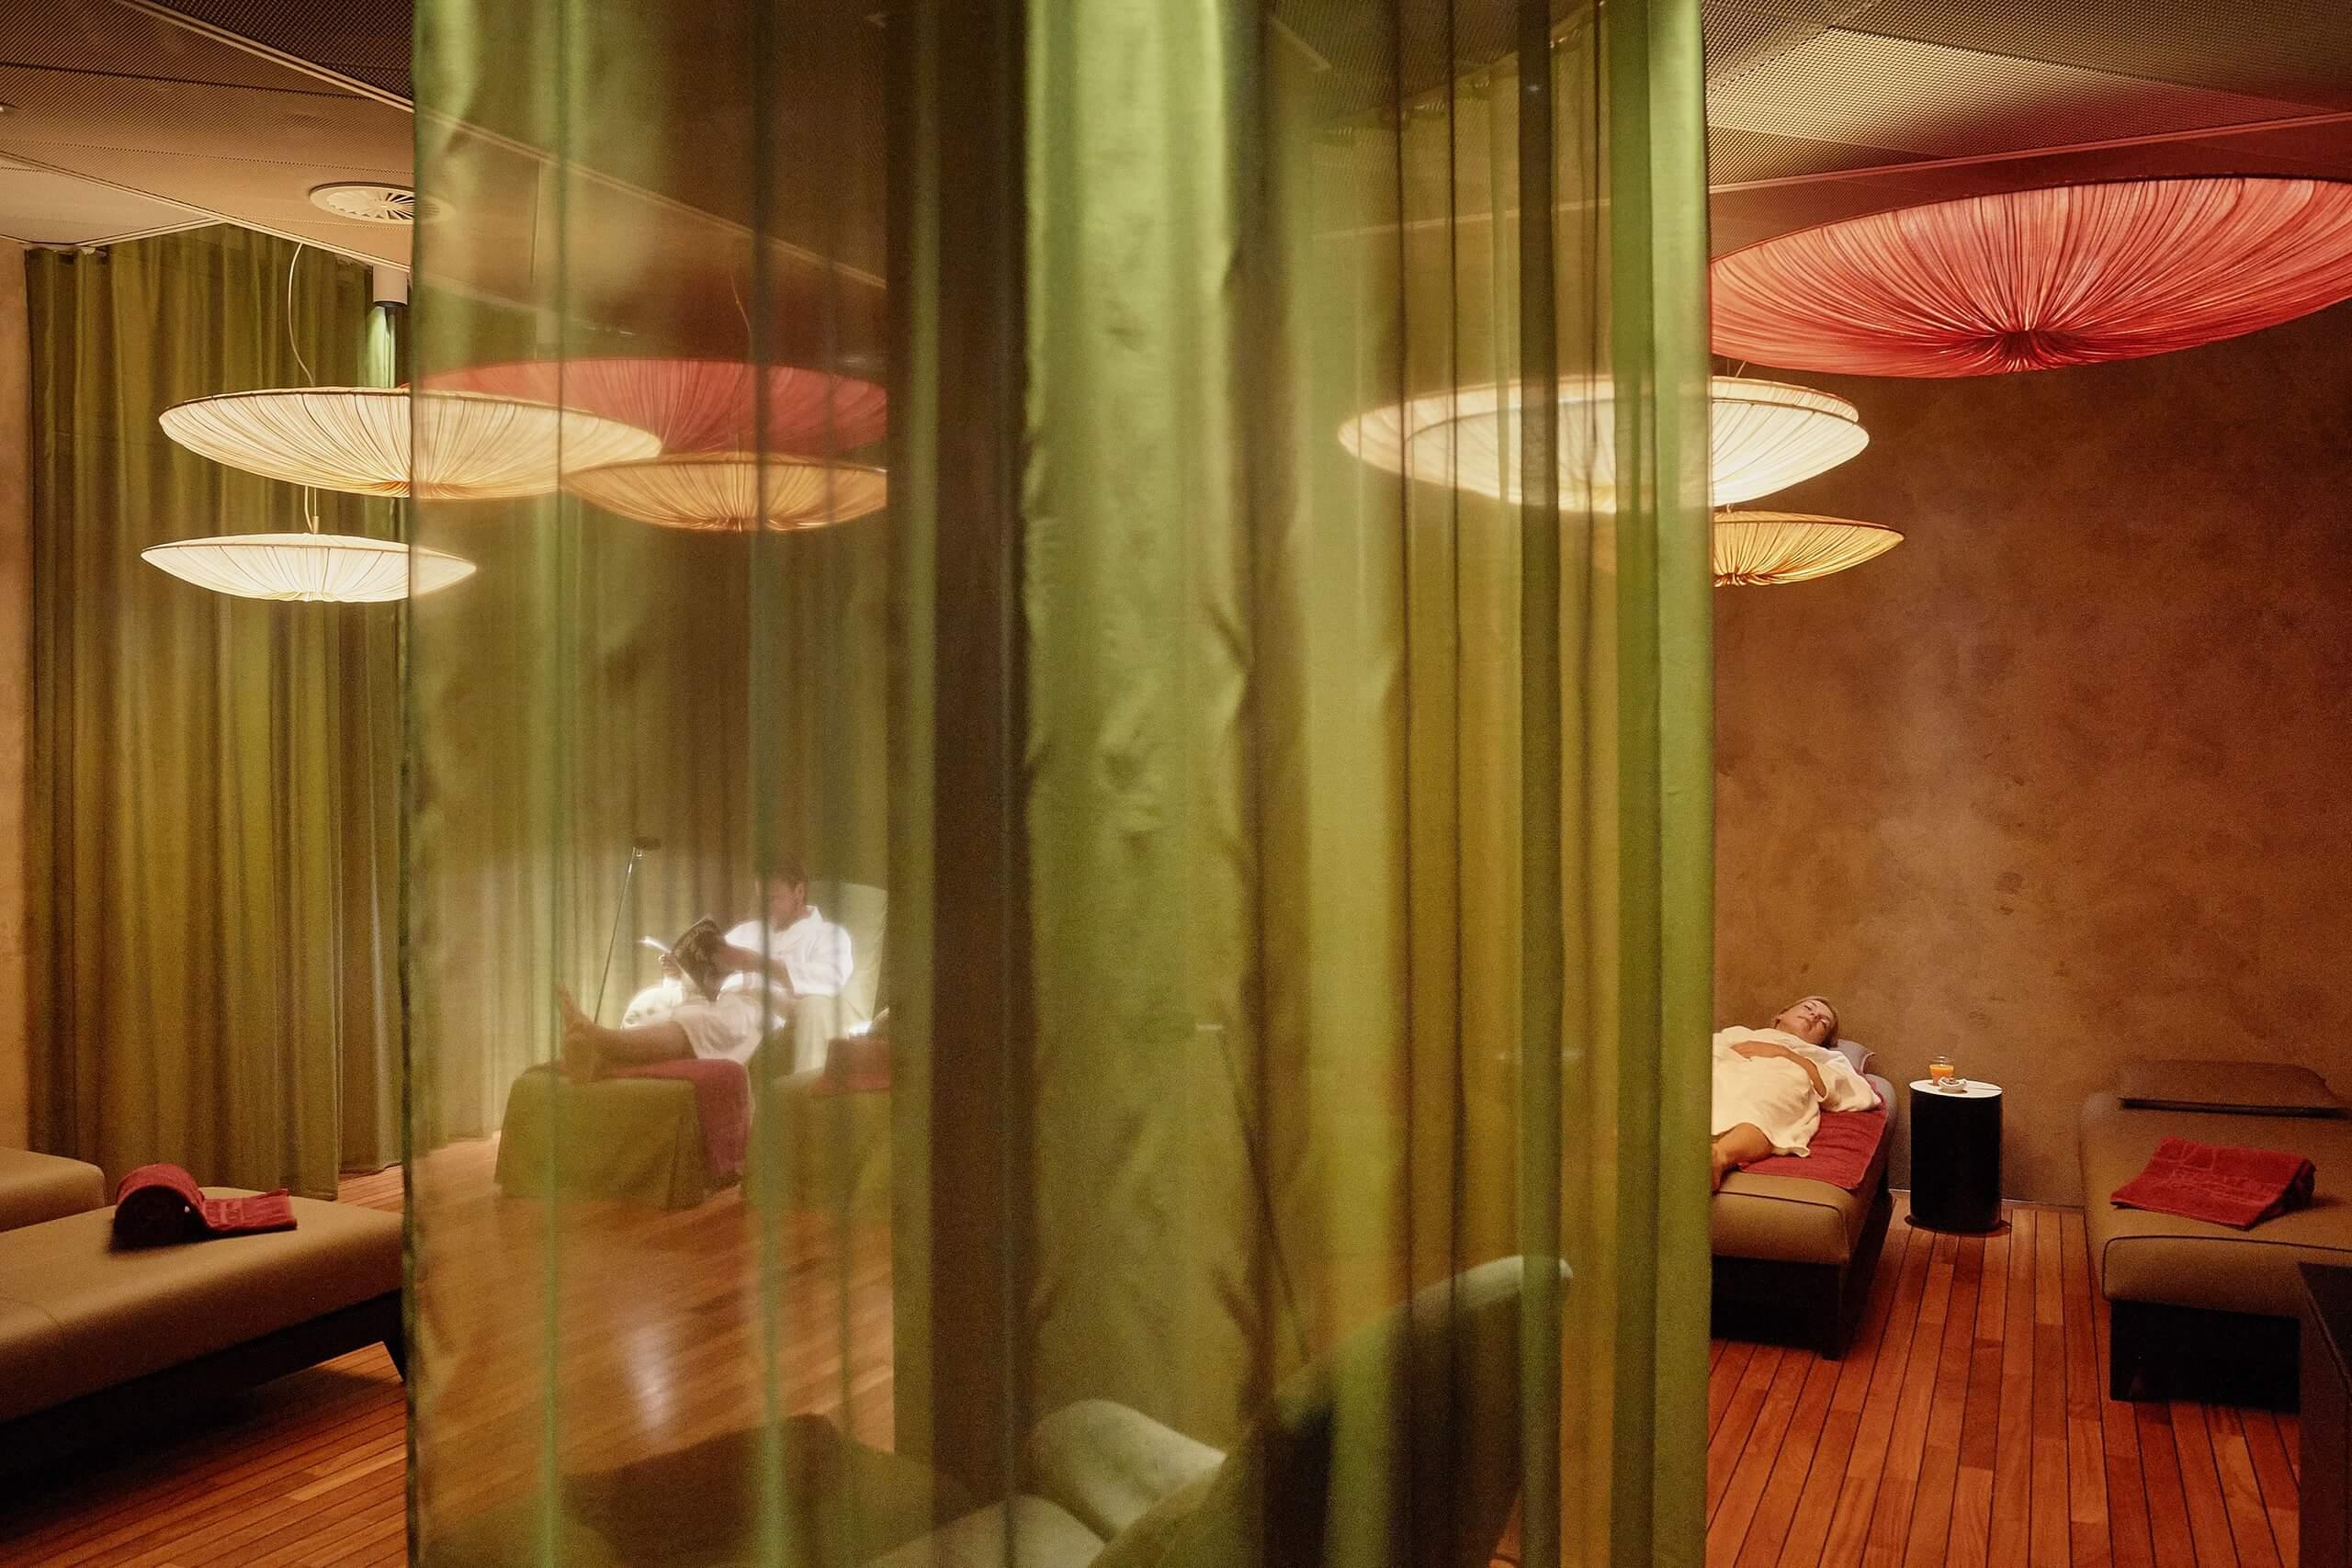 inbalance-hotel-seepark-ruheraum-liegestuehle